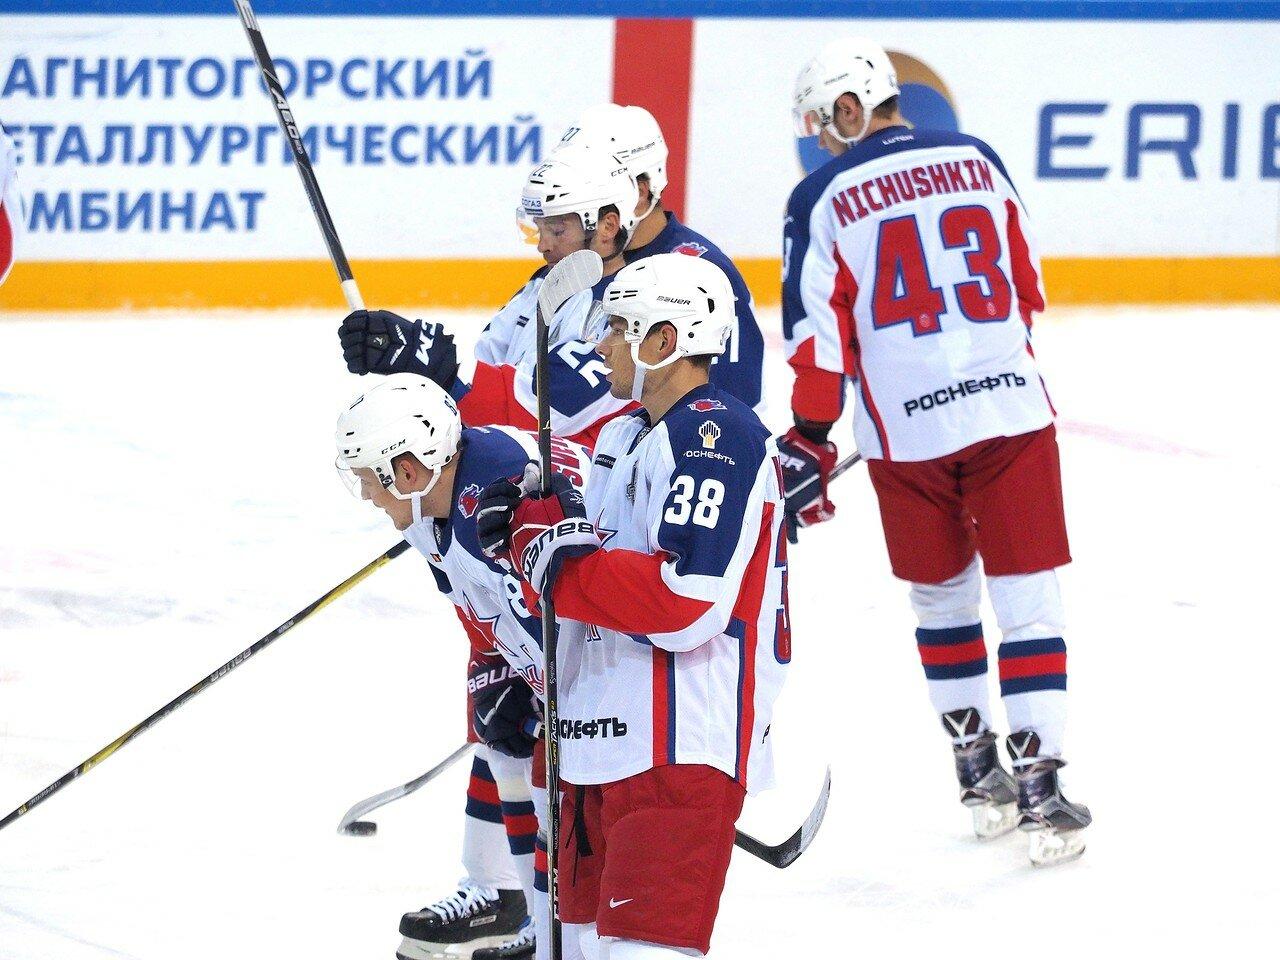 33 Металлург - ЦСКА 18.10.2017